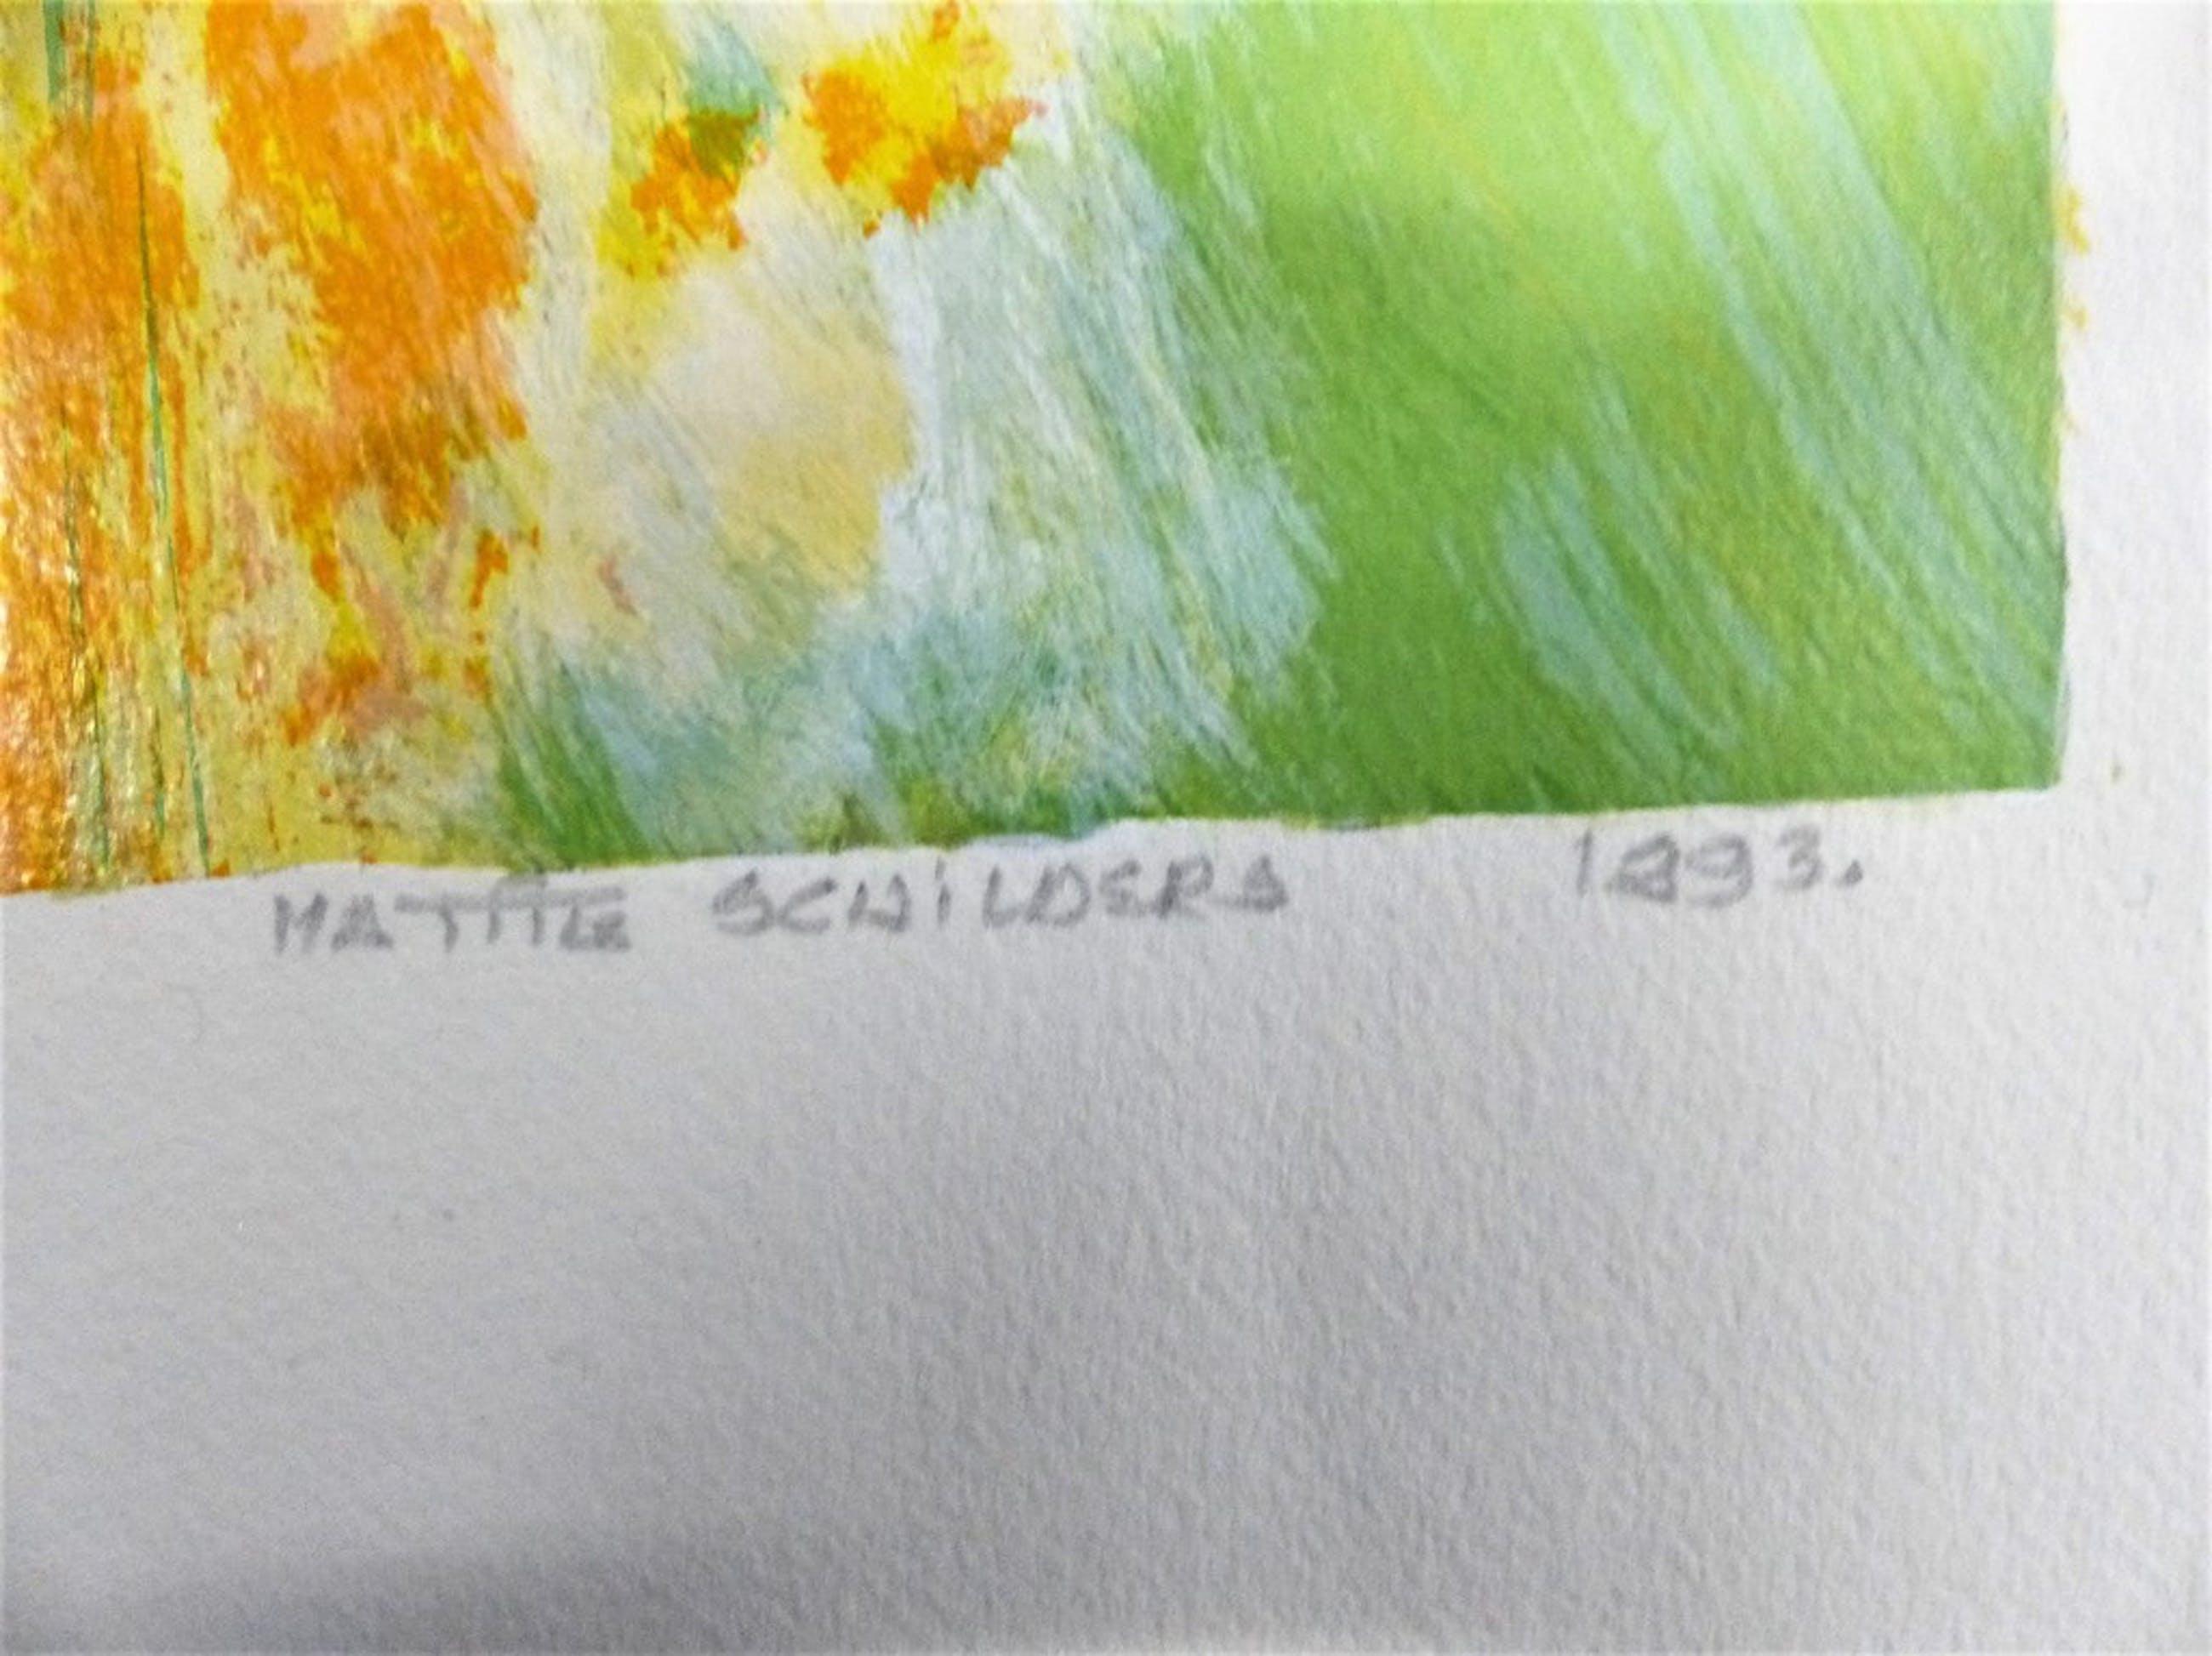 Mattie schilders,Three out of a perfect pair,Handgesigneerd kopen? Bied vanaf 40!